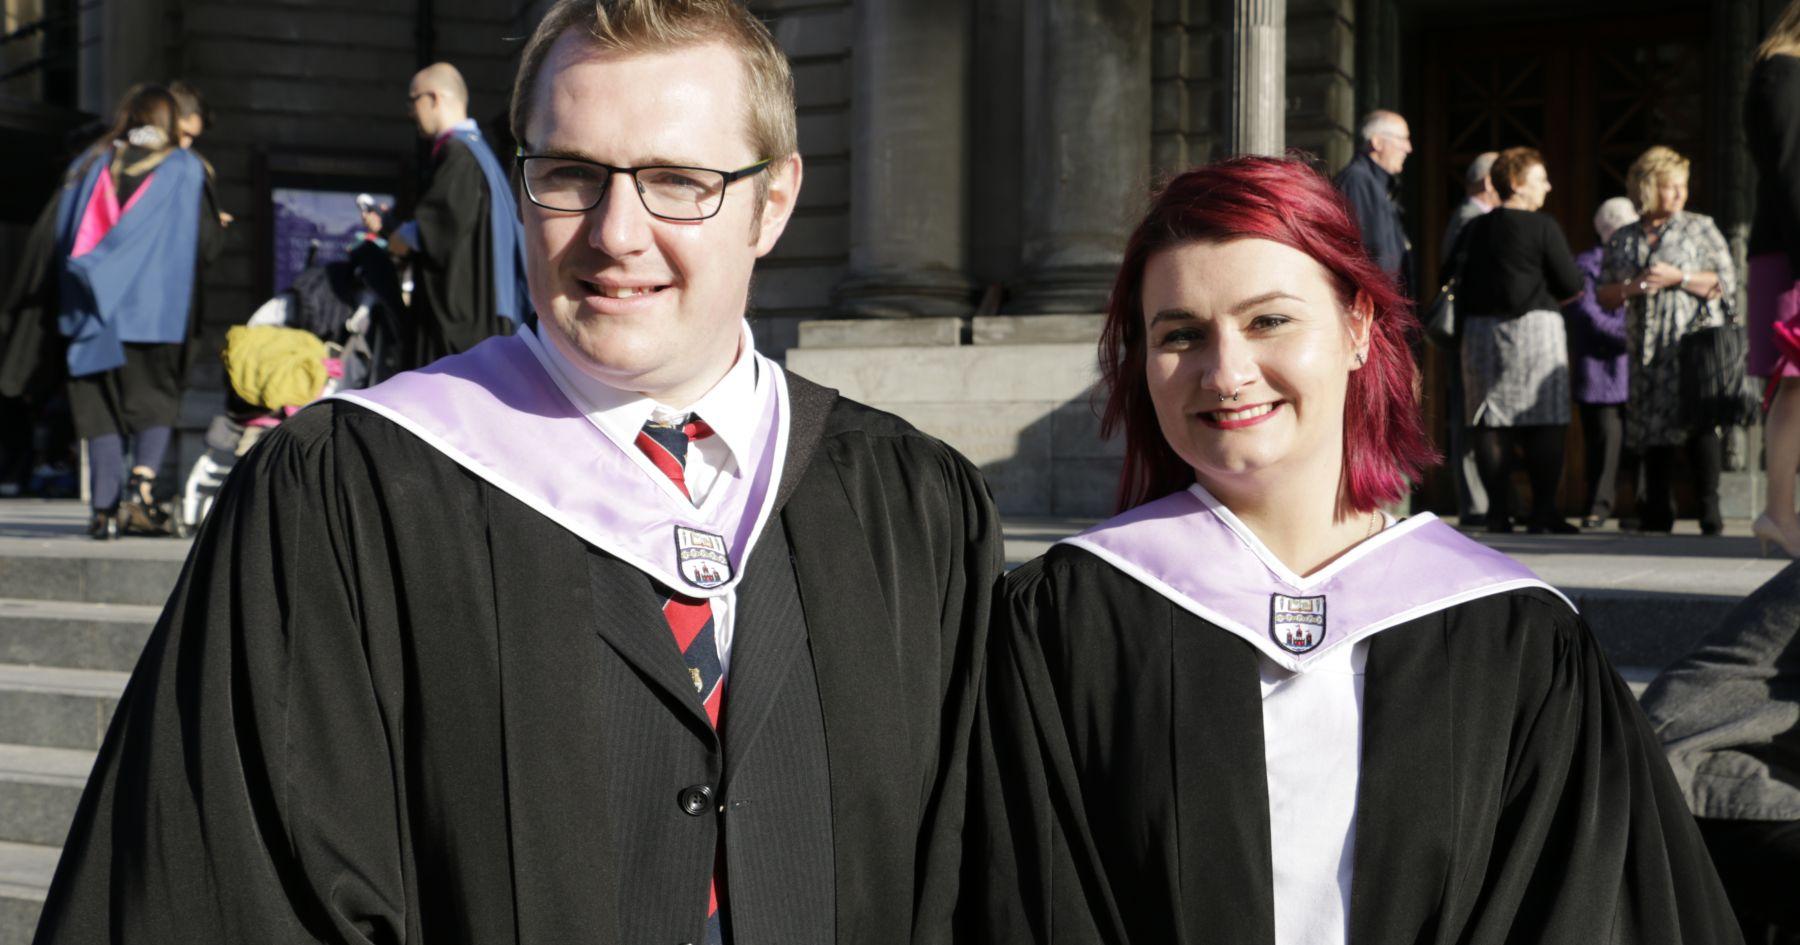 Neal and Amanda at Graduation